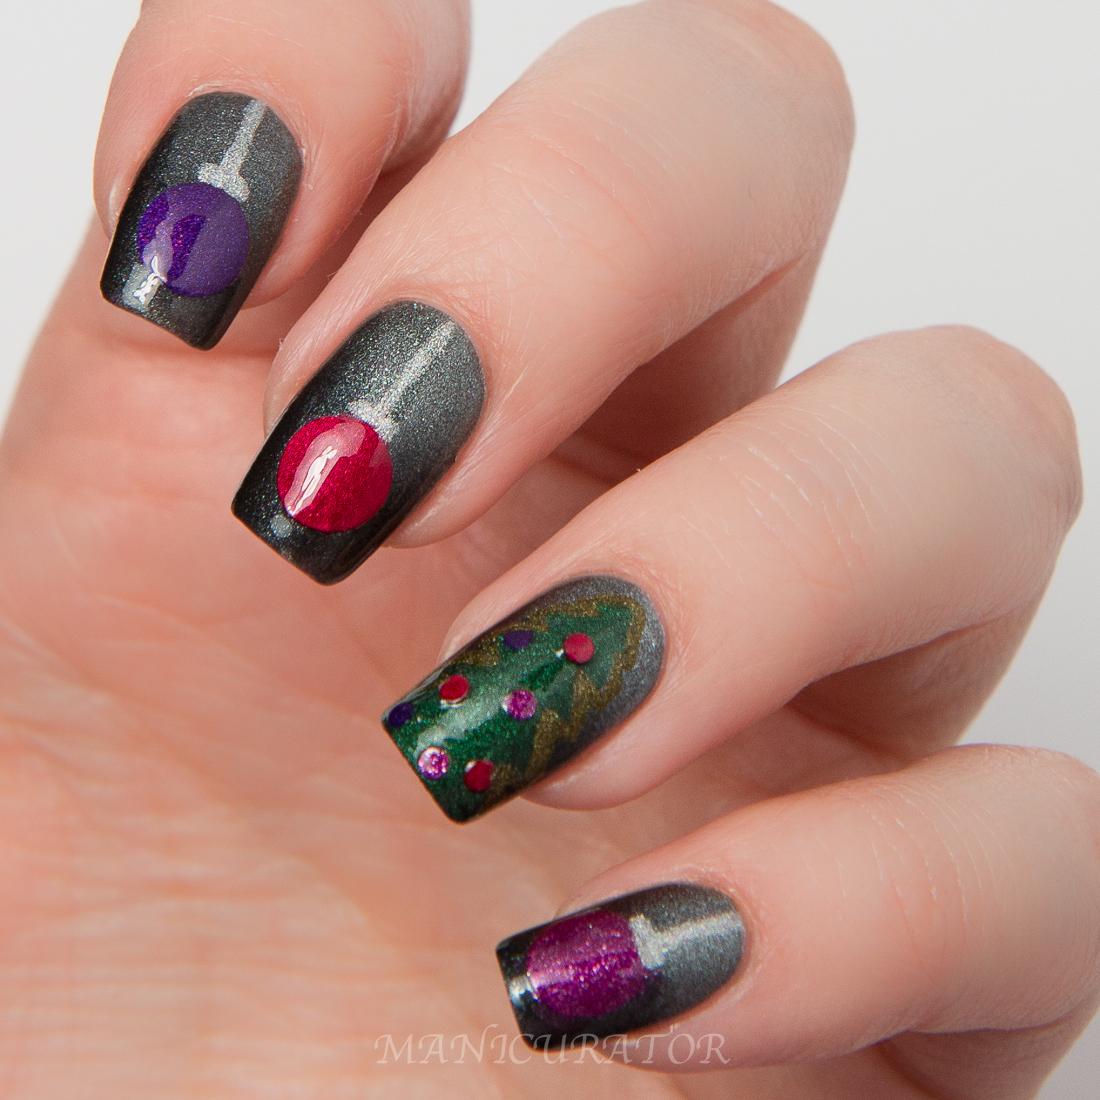 zoya-matte-velvet-holiday-nail-art